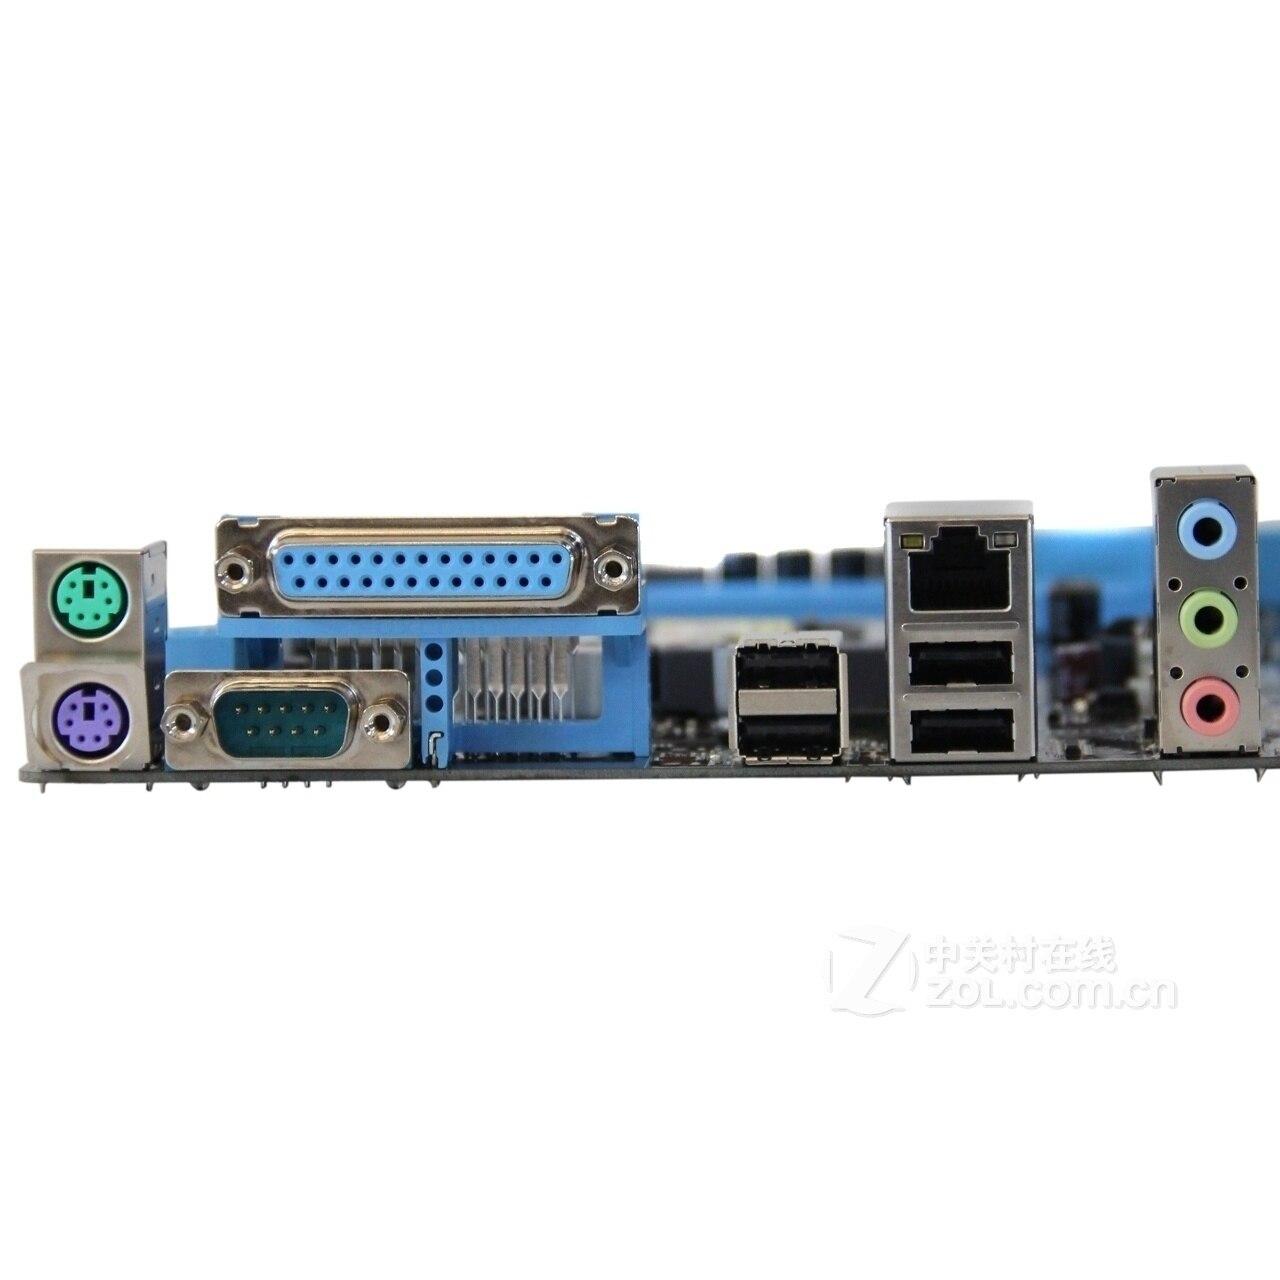 Asus Cm6630 Specs